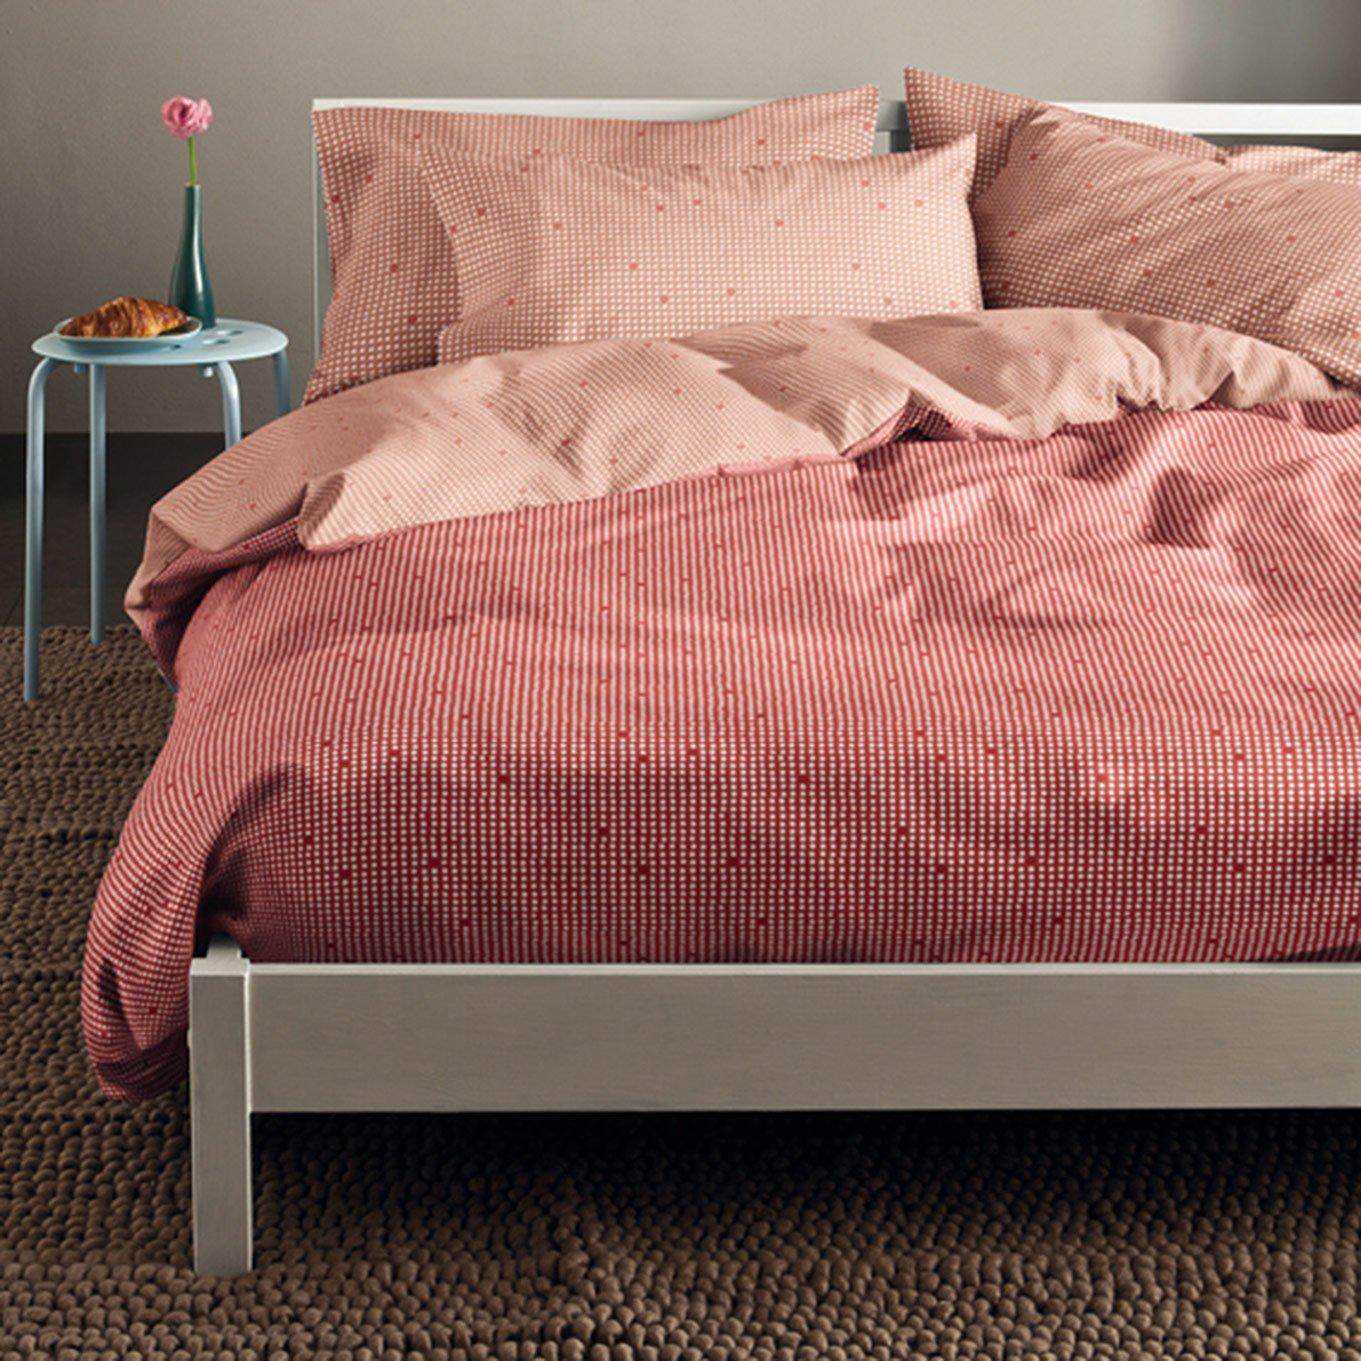 Biancheria per il letto cose di casa for Biancheria letto bassetti